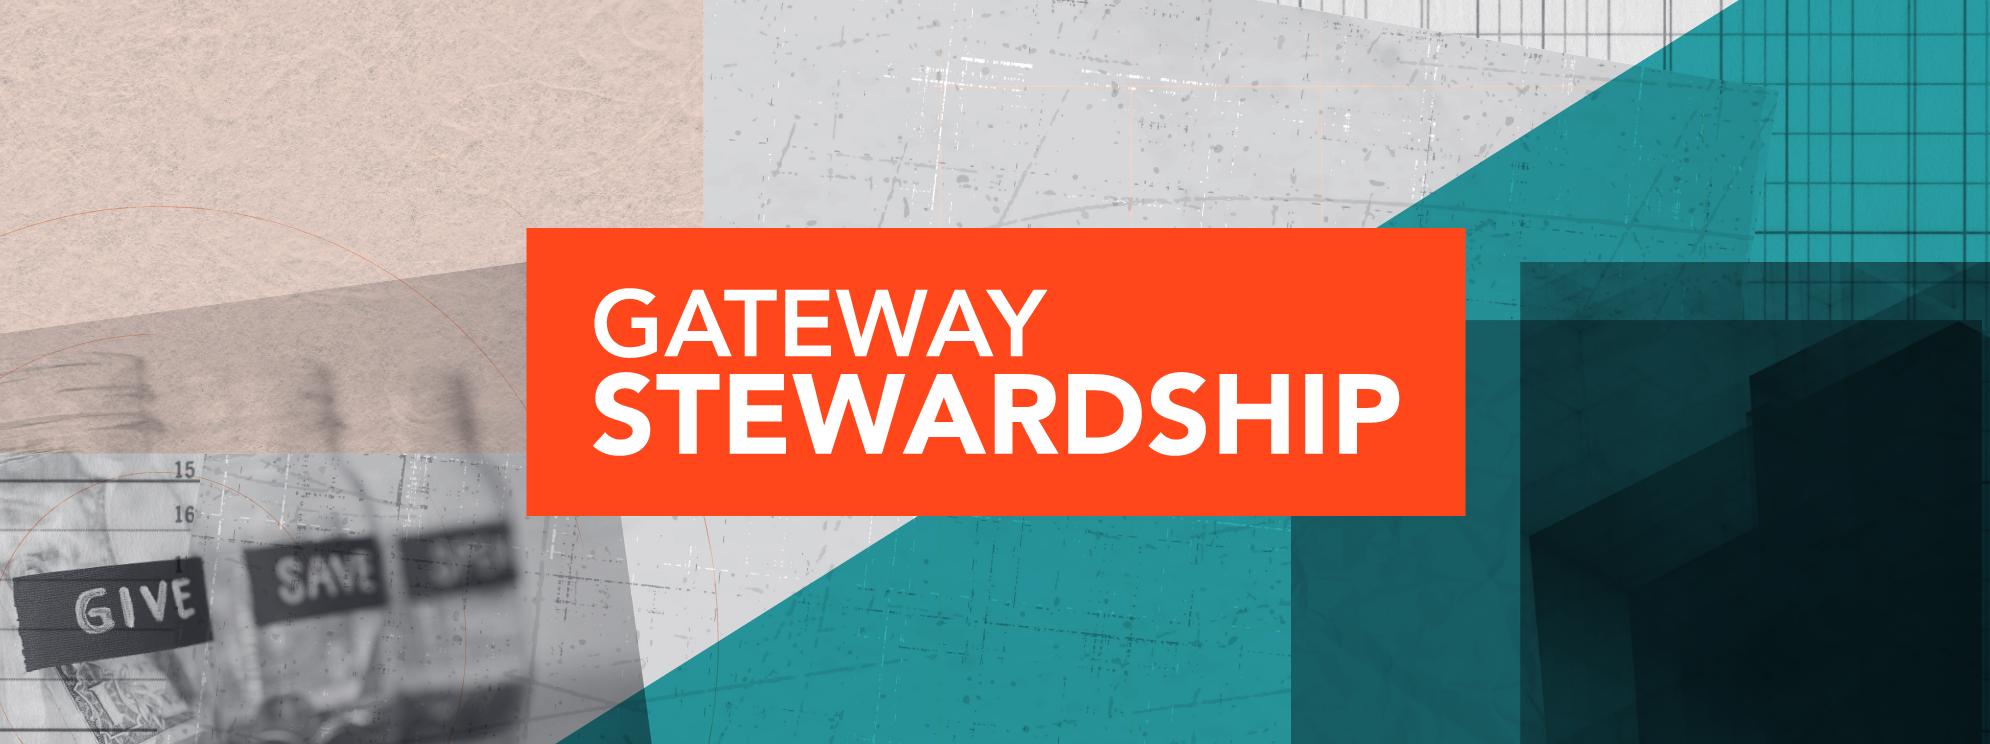 New stewardship logo